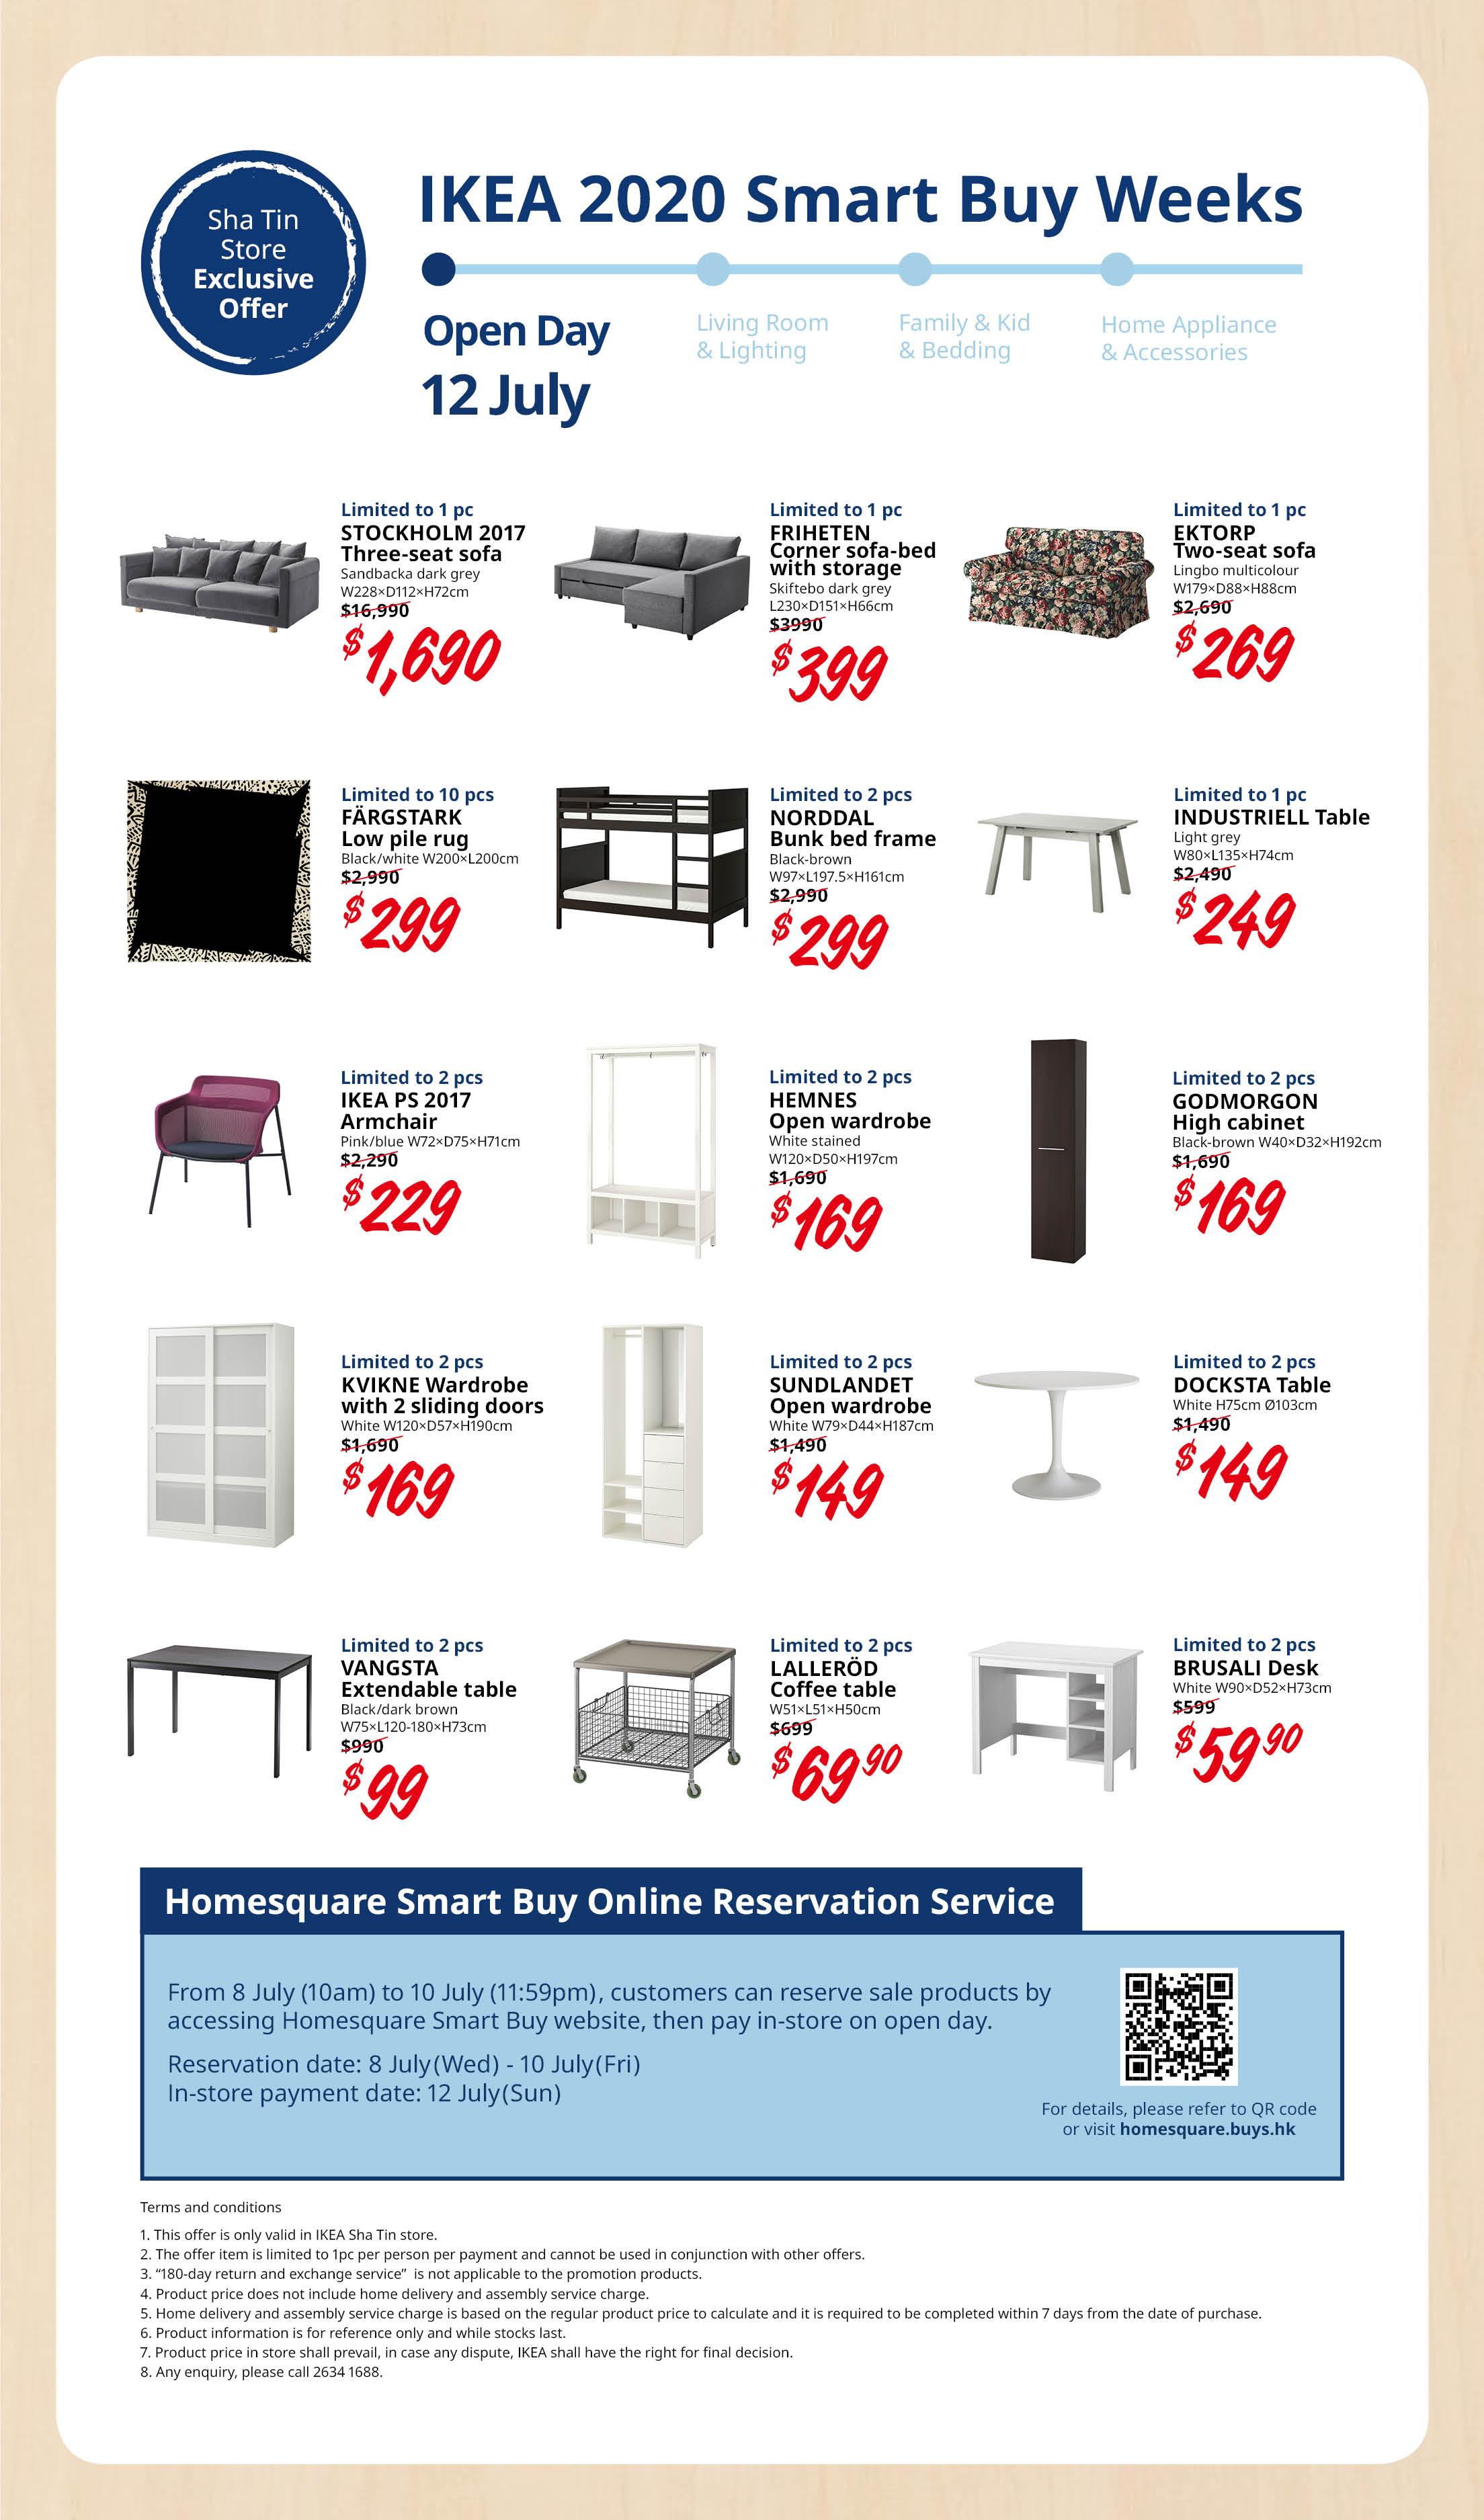 ikea-shatin-smart-buy-weeks-0712